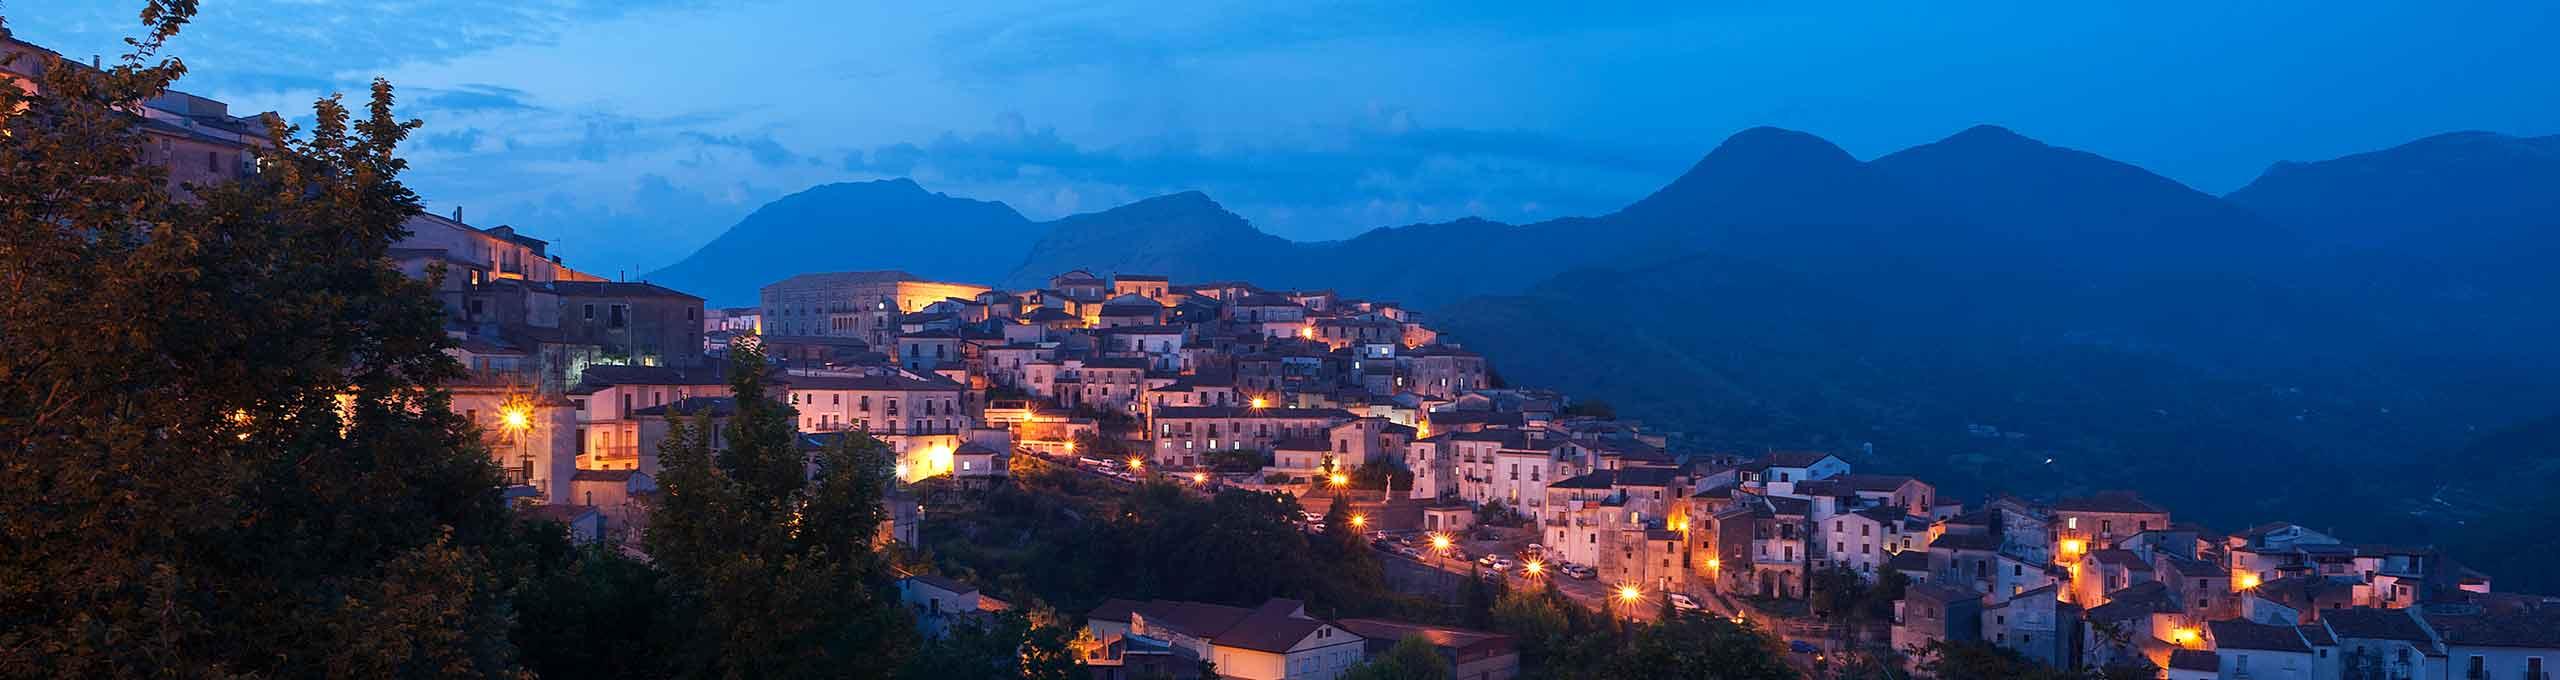 Aieta, Riviera dei Cedri, Calabria